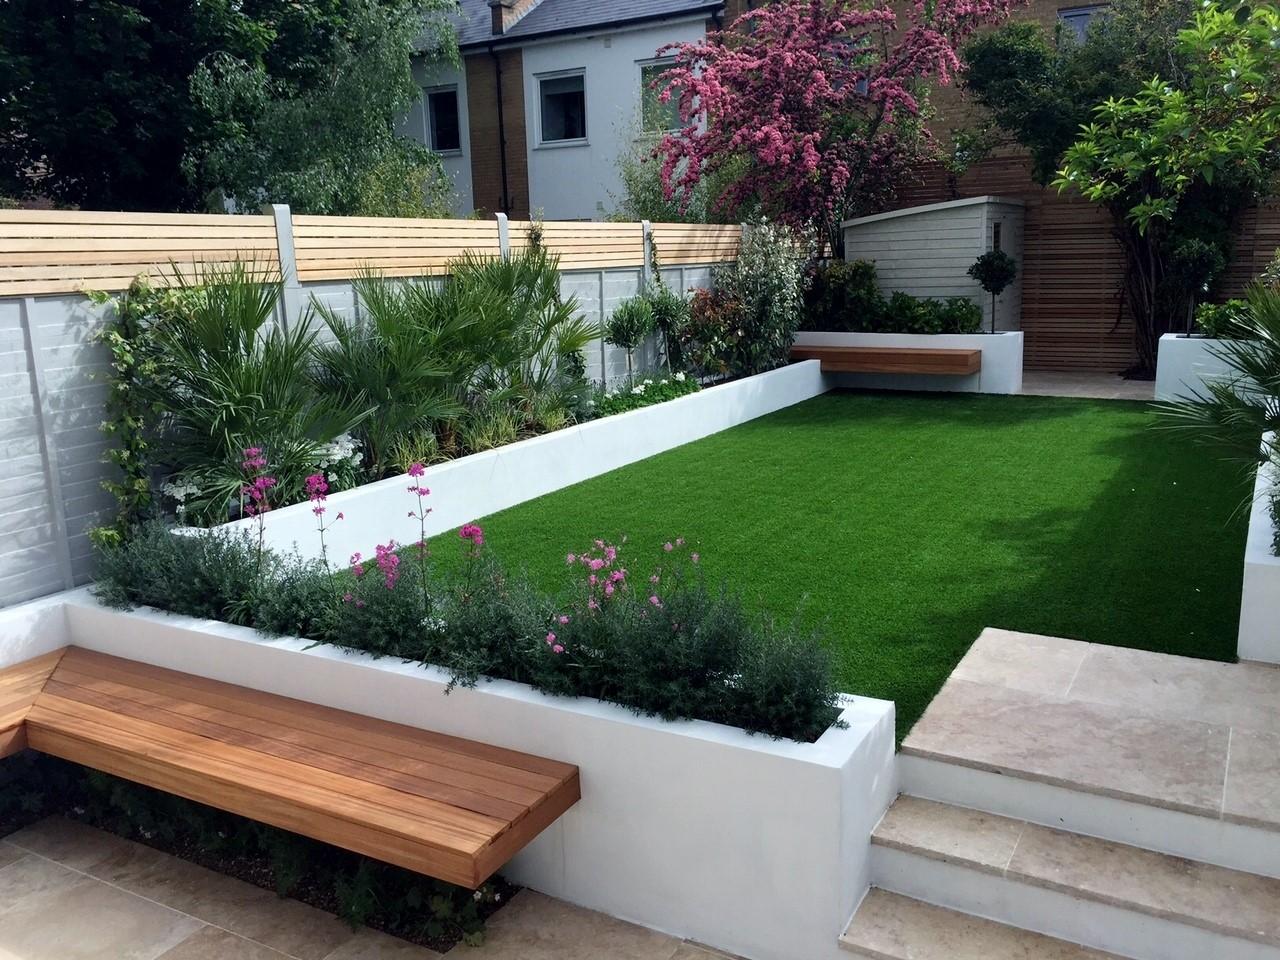 اصل های مهم در طراحی فضای سبز